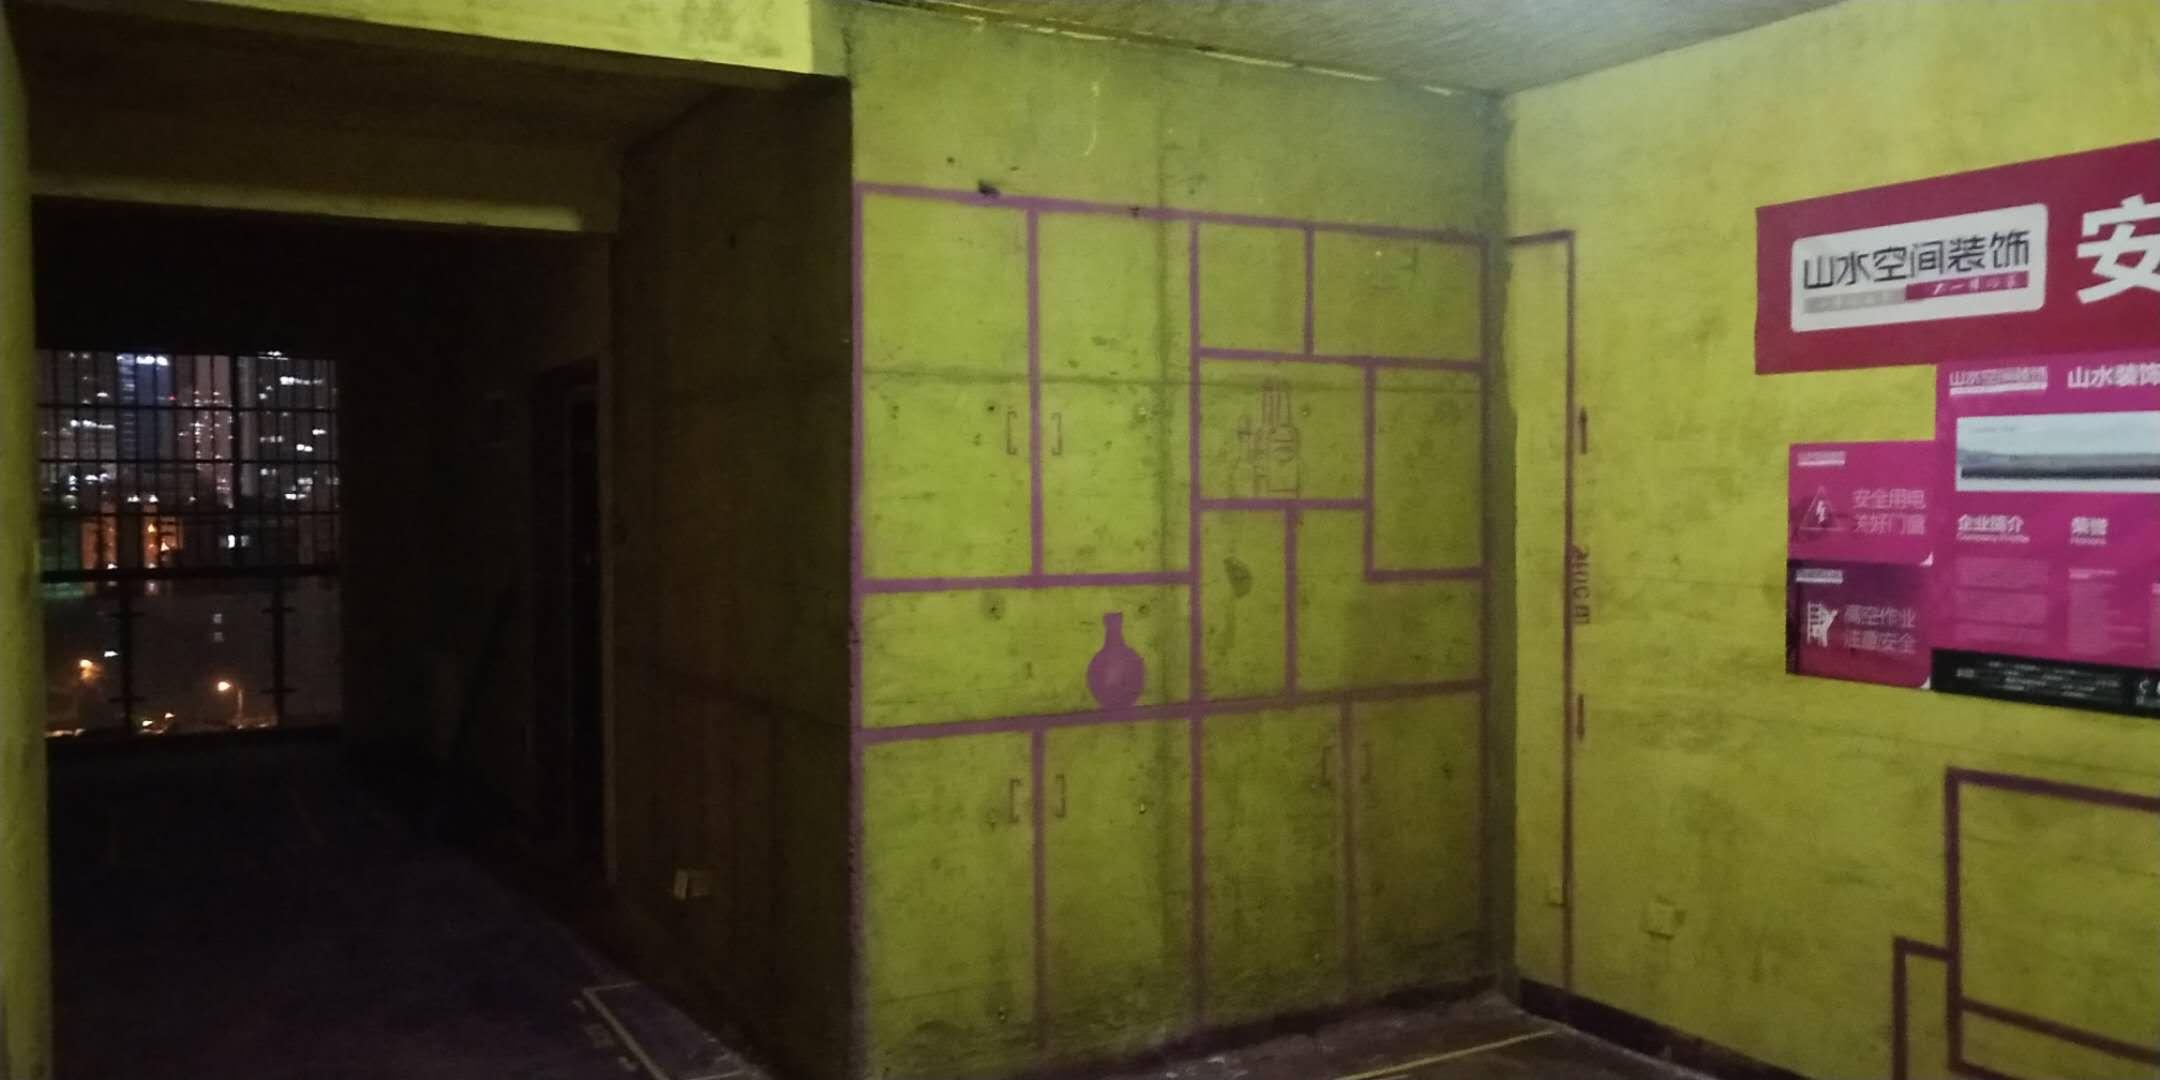 望湖城紫桂苑-黄墙紫地/3D全景放样-山水装饰